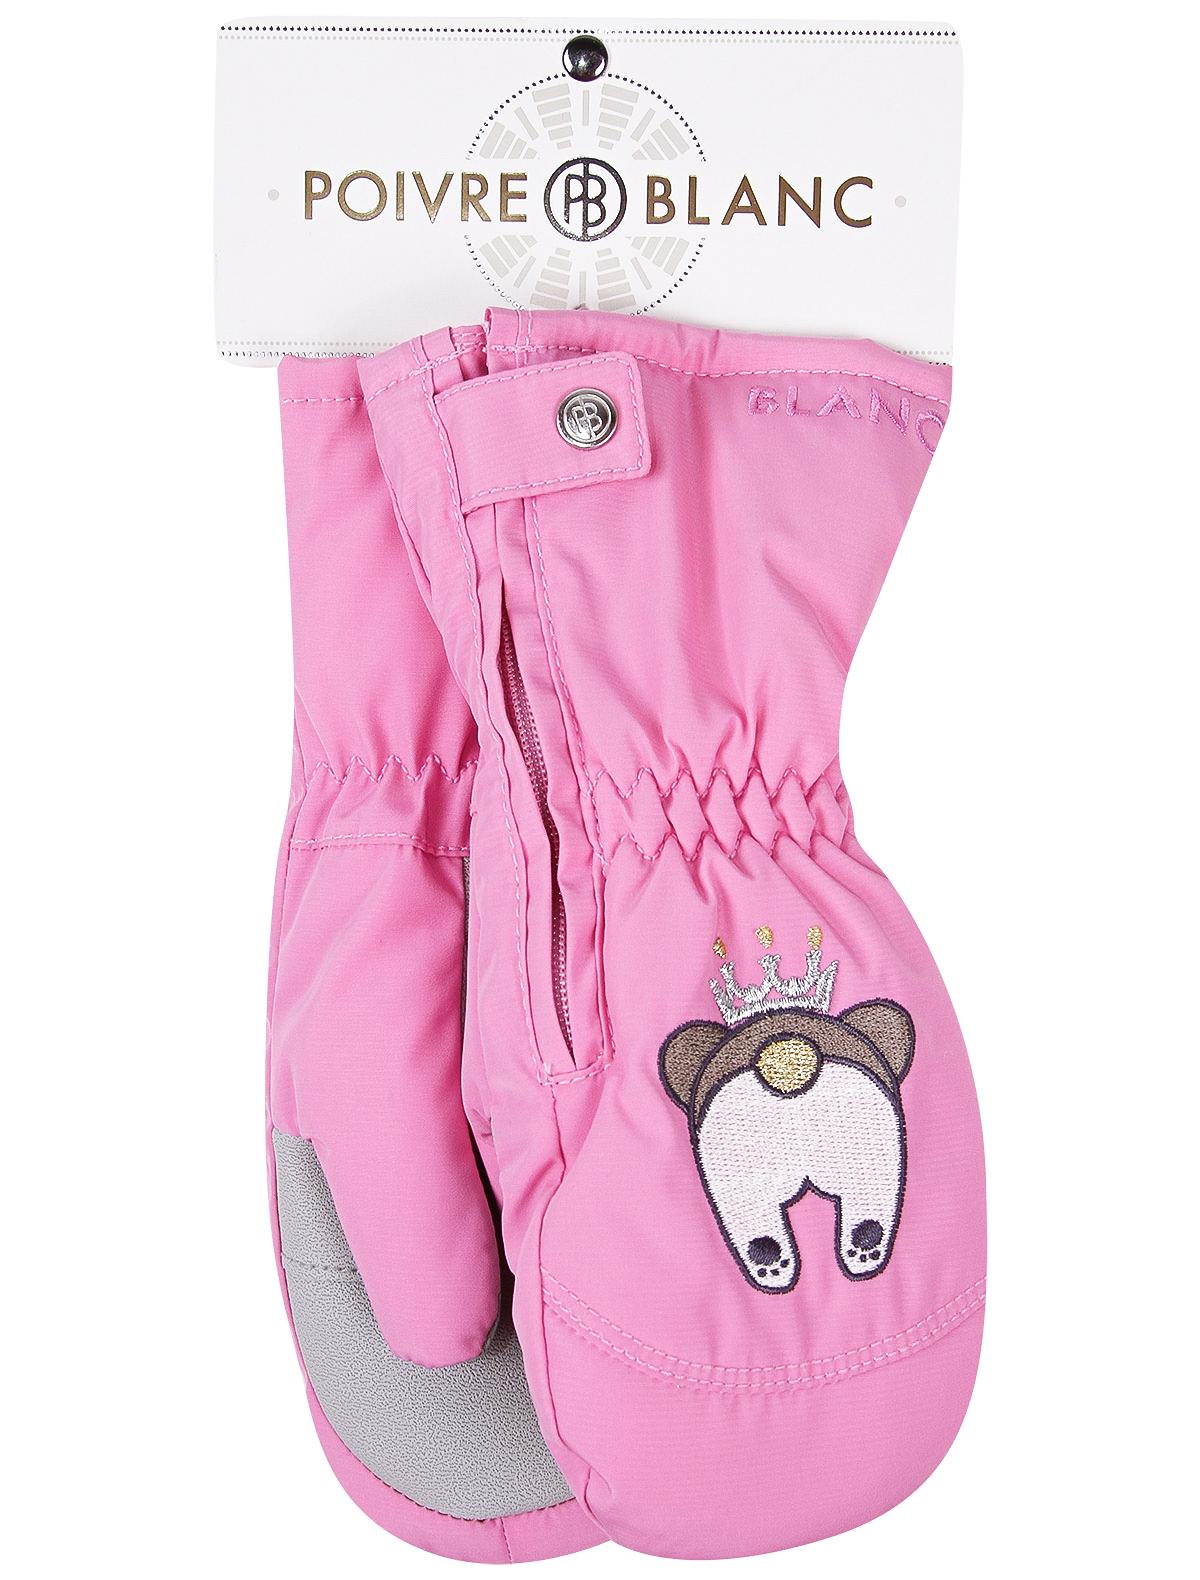 Купить 2136598, Варежки POIVRE BLANC, розовый, Женский, 1362609980121